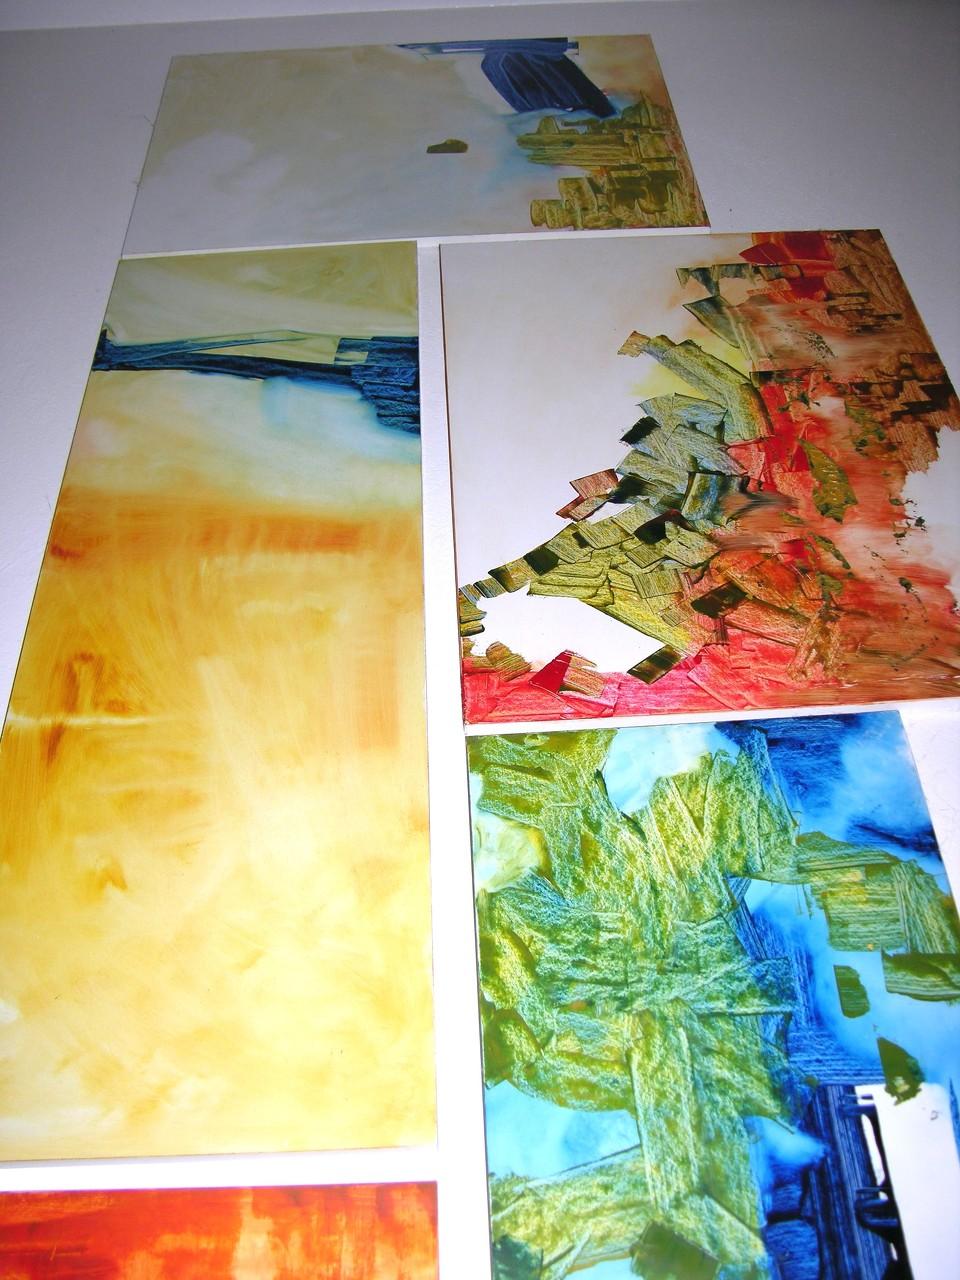 Bild-Collage 2, Acryl auf Holzplatten, Gesamtmaße ca. 250 x 150 cm